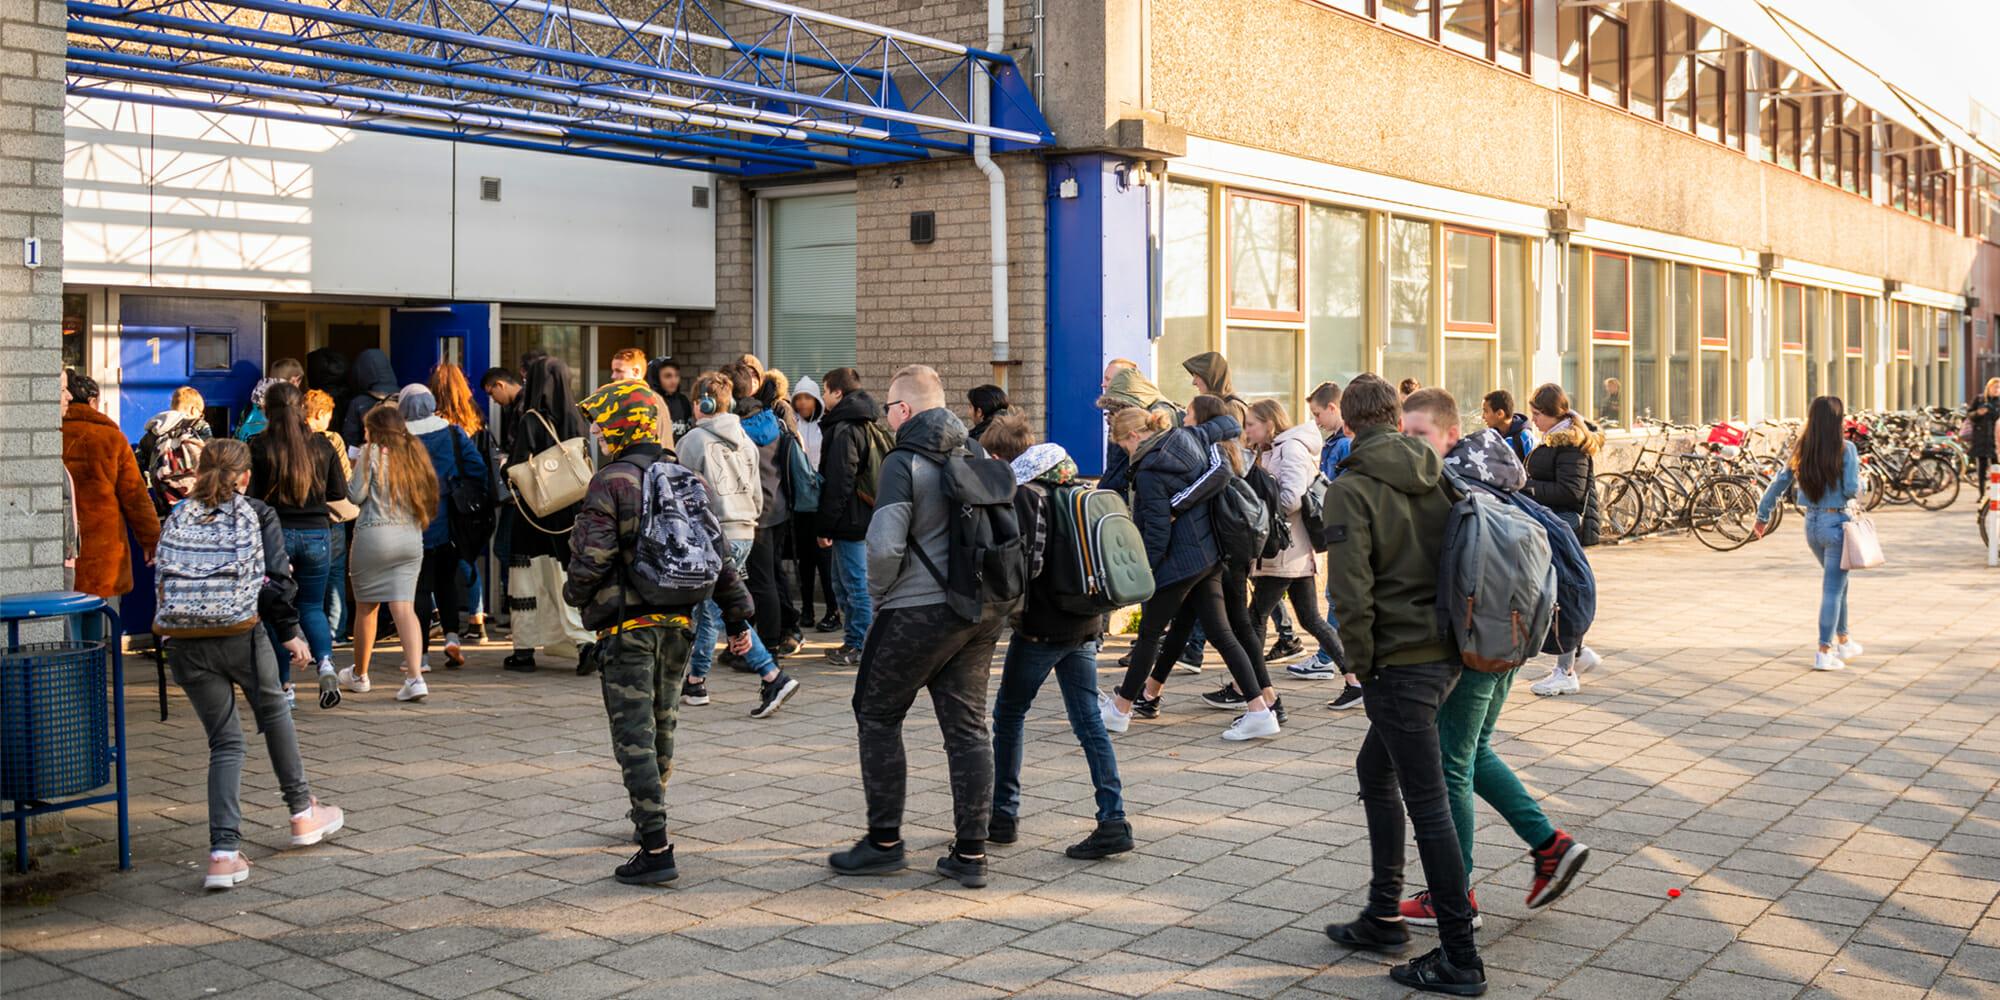 Een groep studenten voor een school